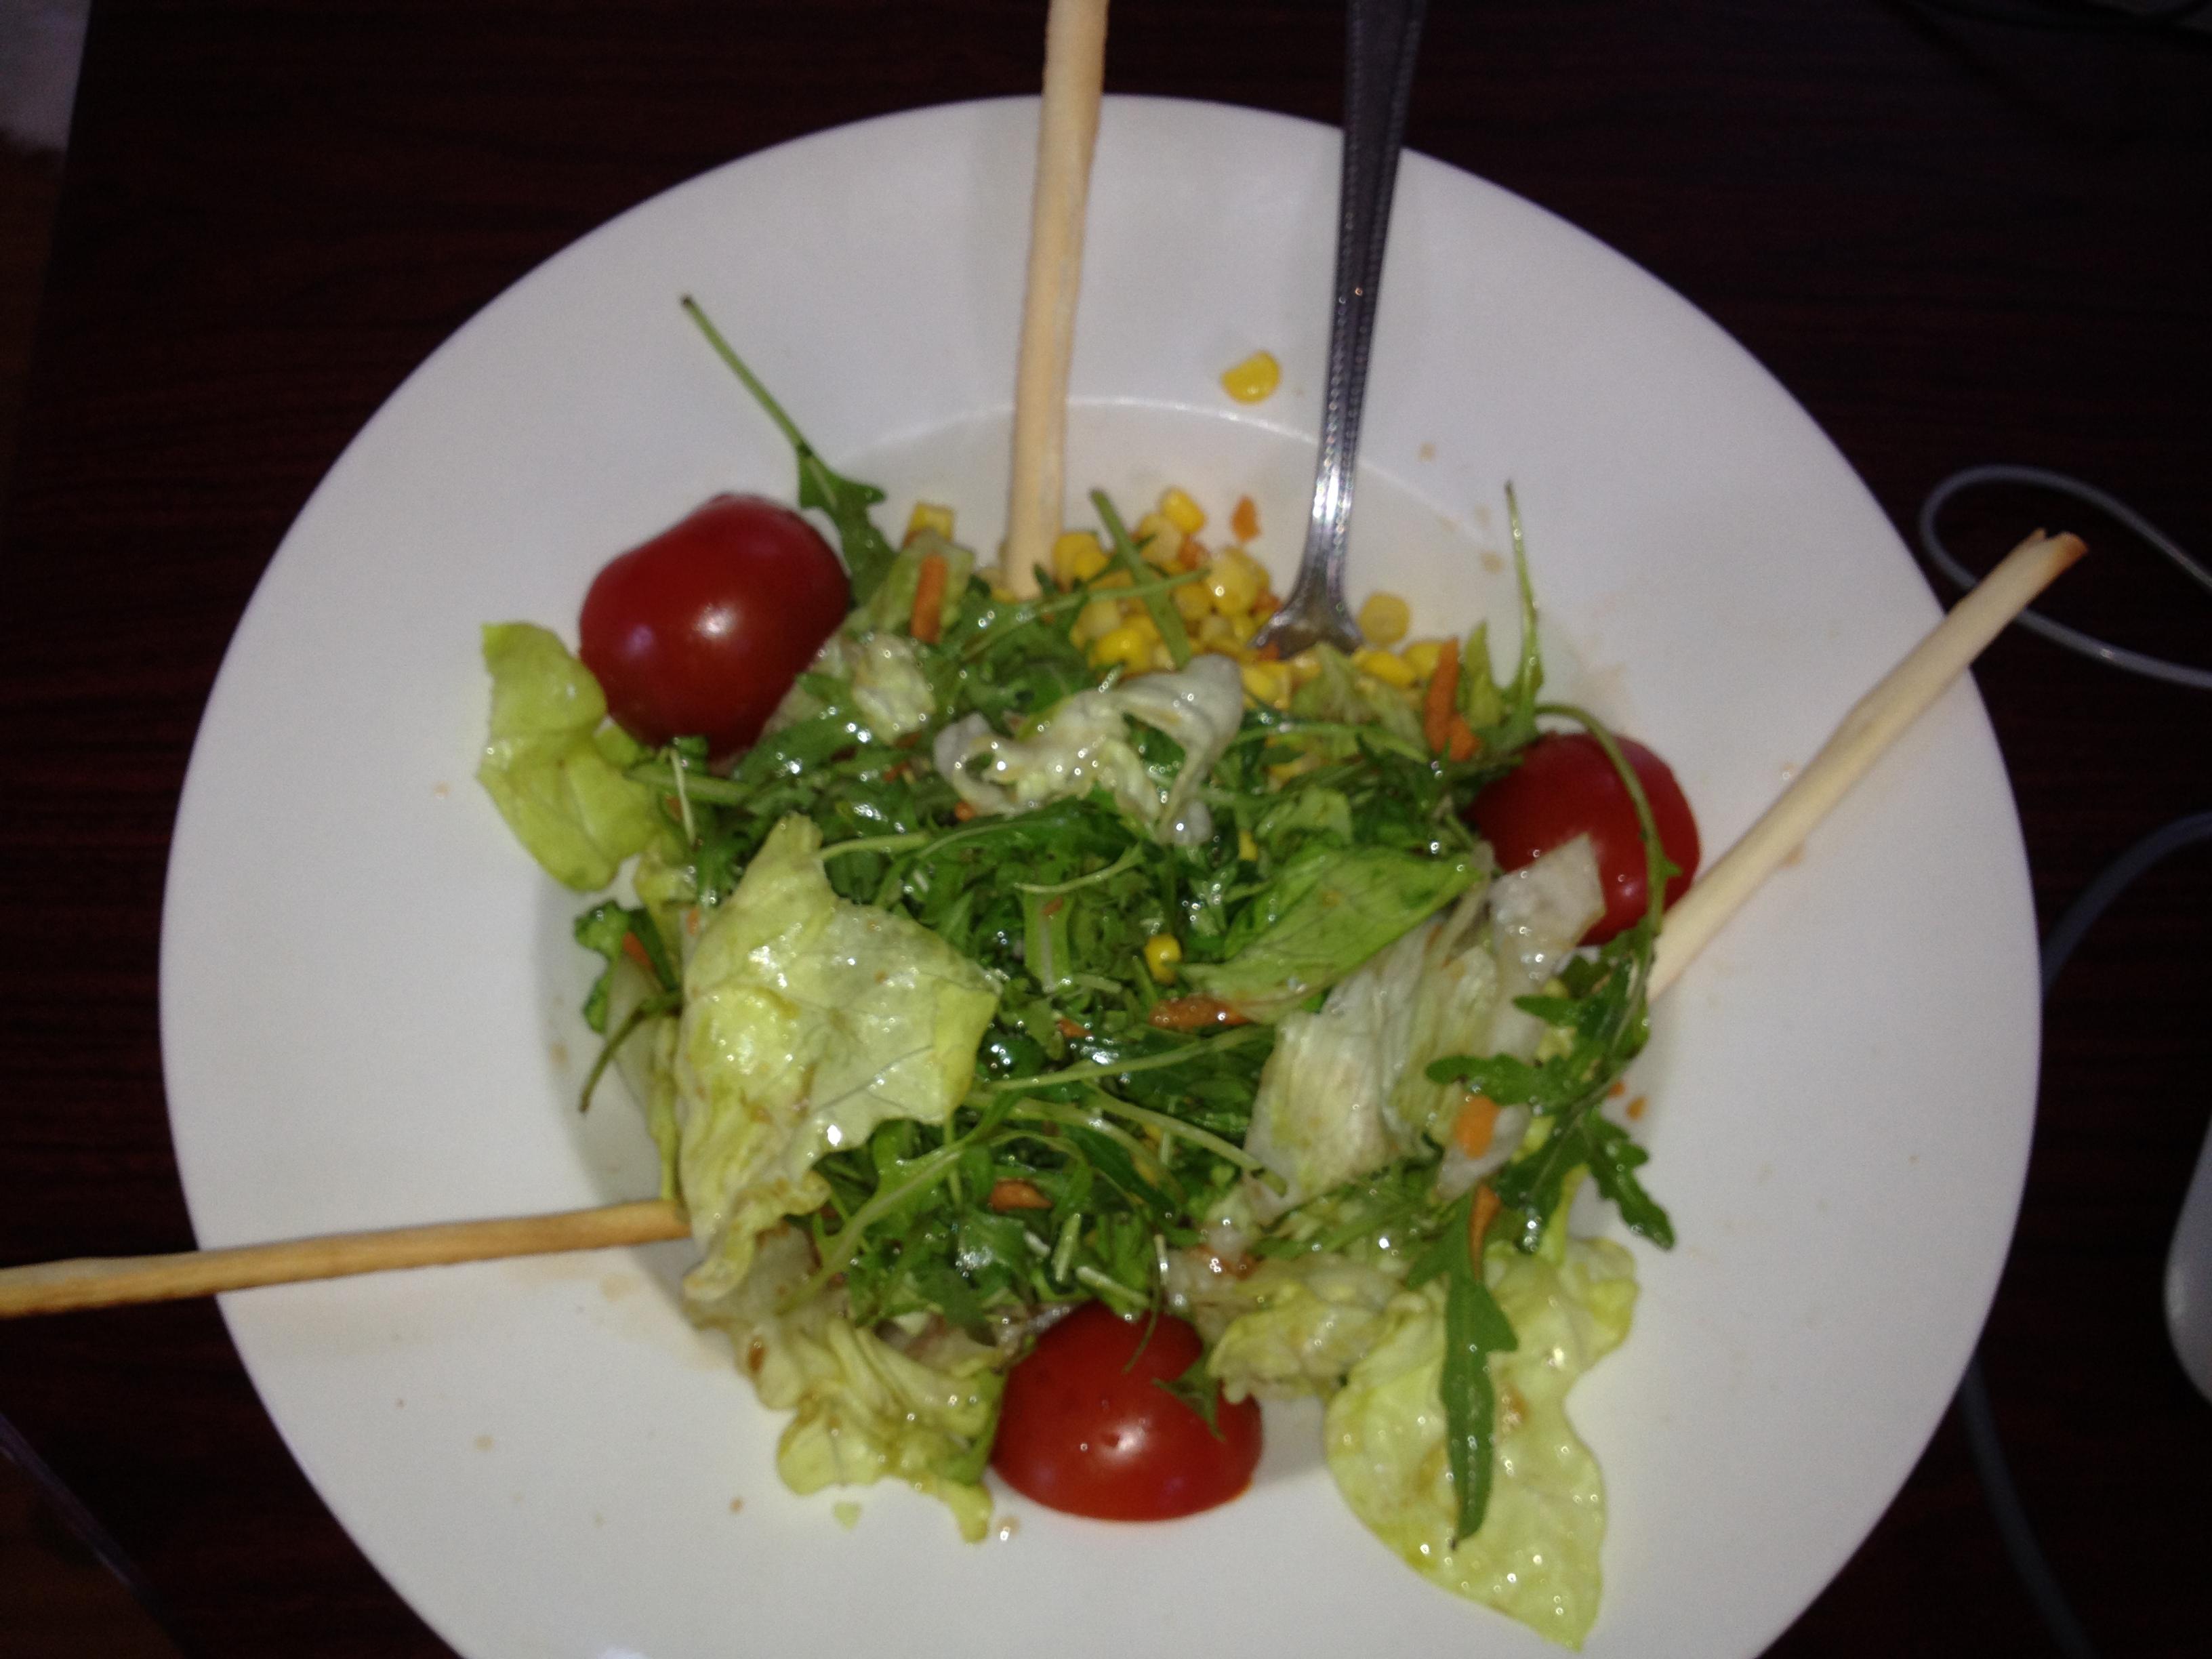 https://foodloader.net/ChilliN_2012-04-28_Gemischer_salat-_balsamico_essig.jpg